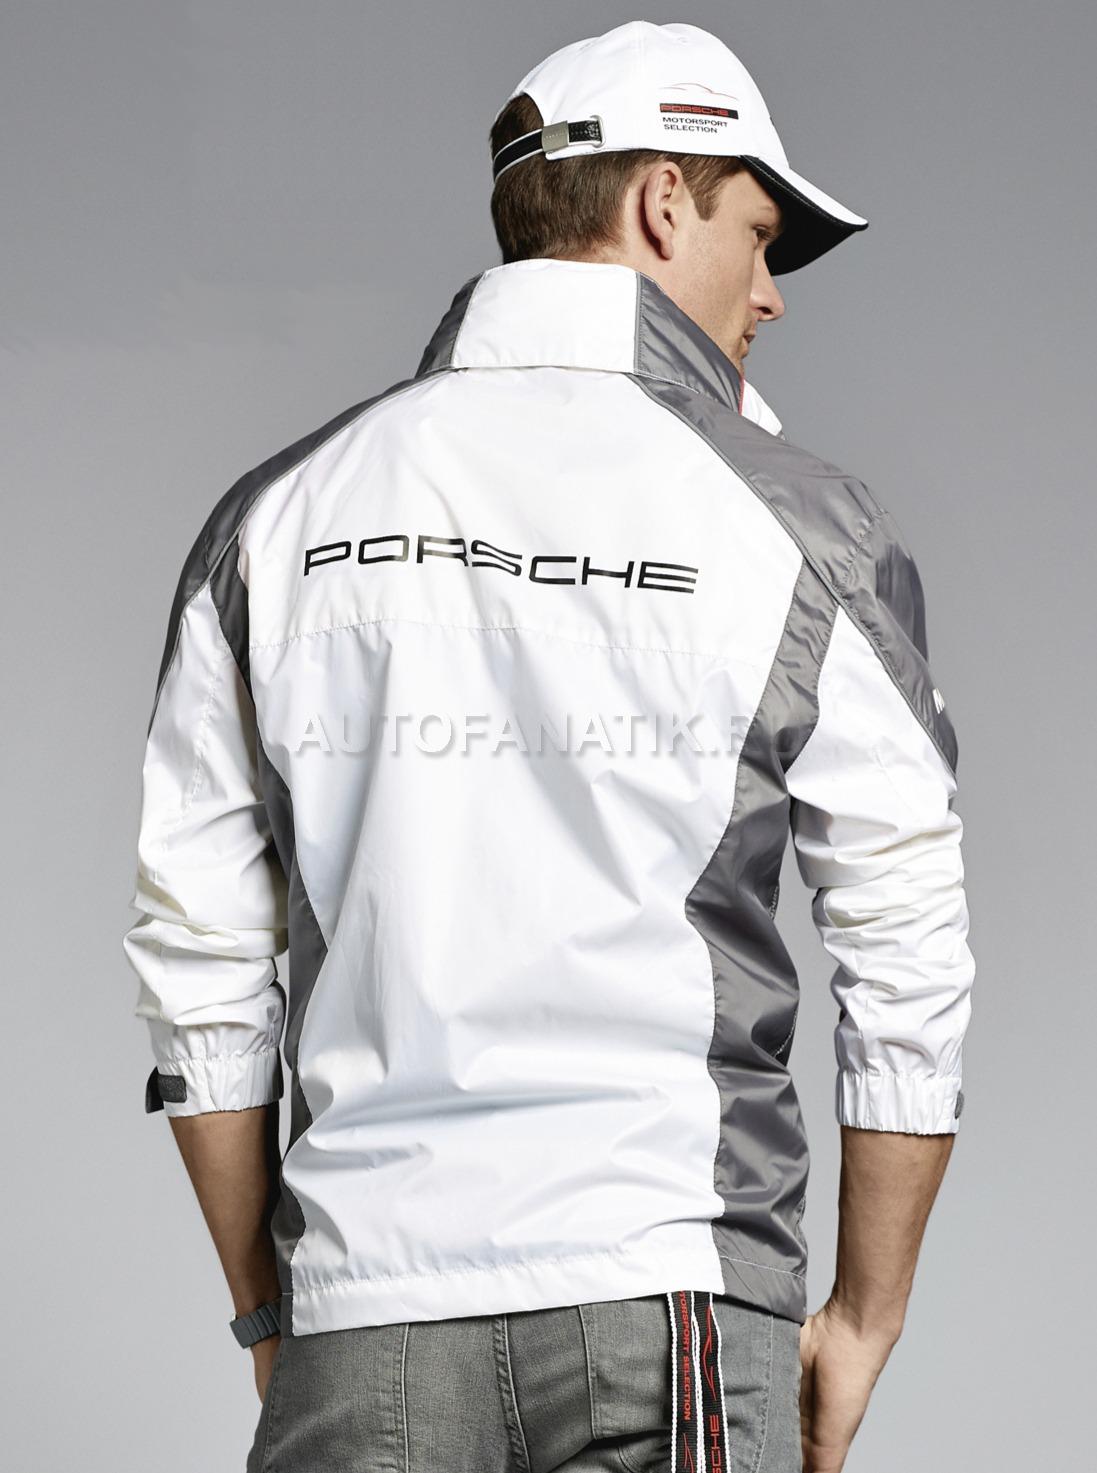 Porsche Steve Mcqueen Jacket Barbour Quilted Steve Mcqueen